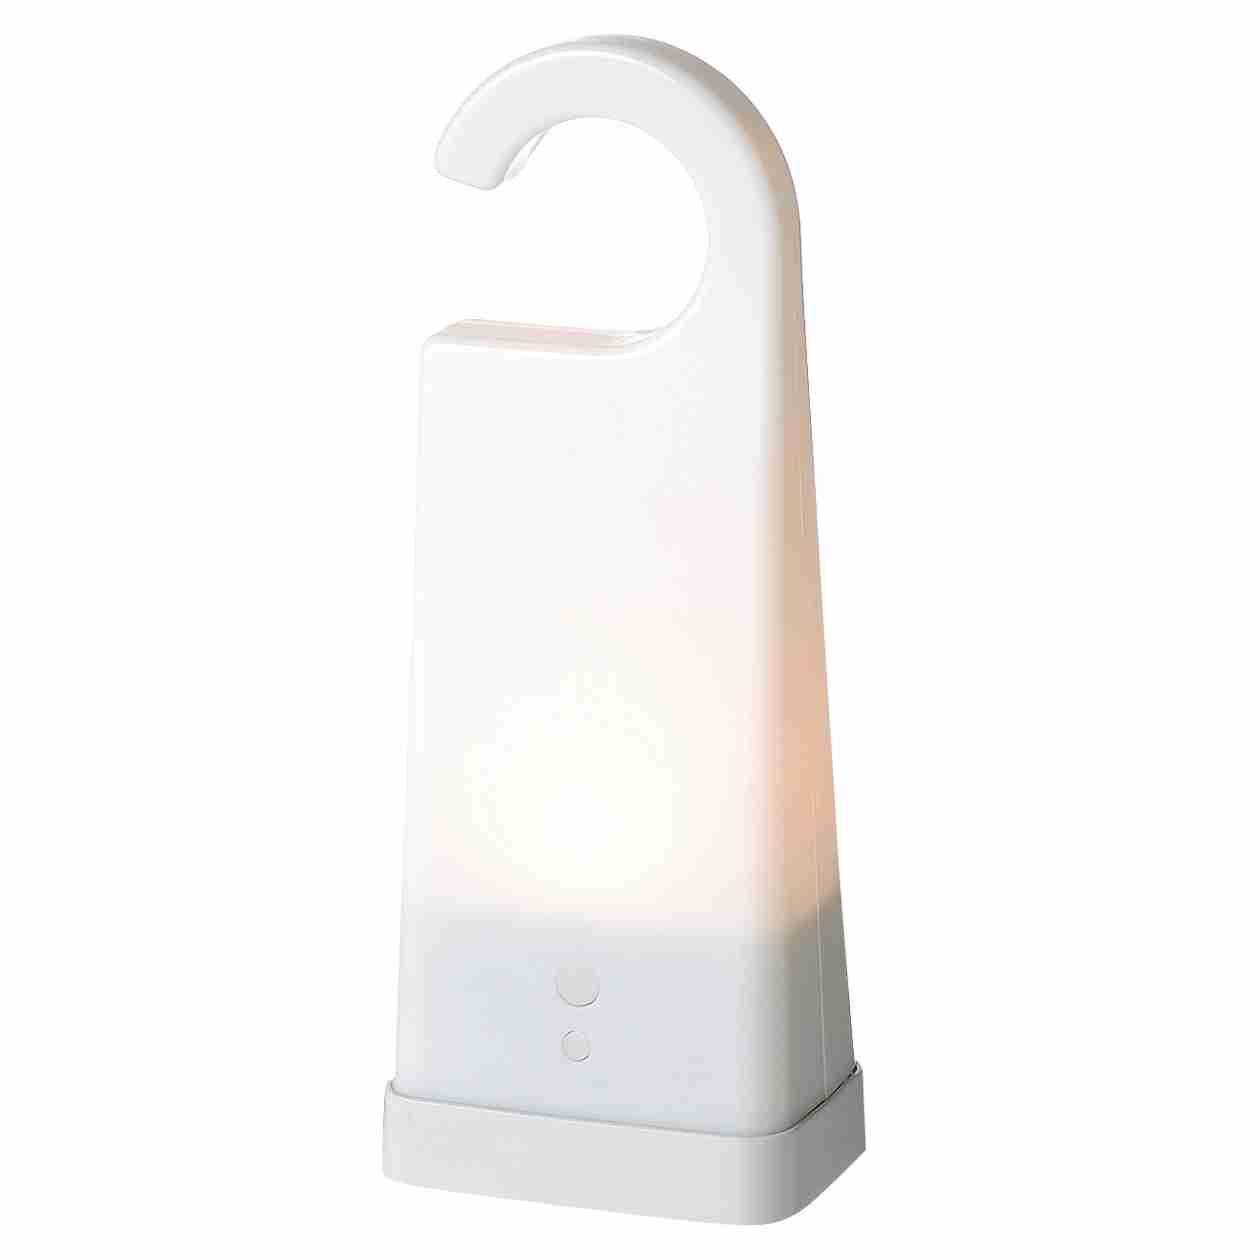 LED持ち運びできるあかり 型番:HCR‐81   無印良品ネットストア